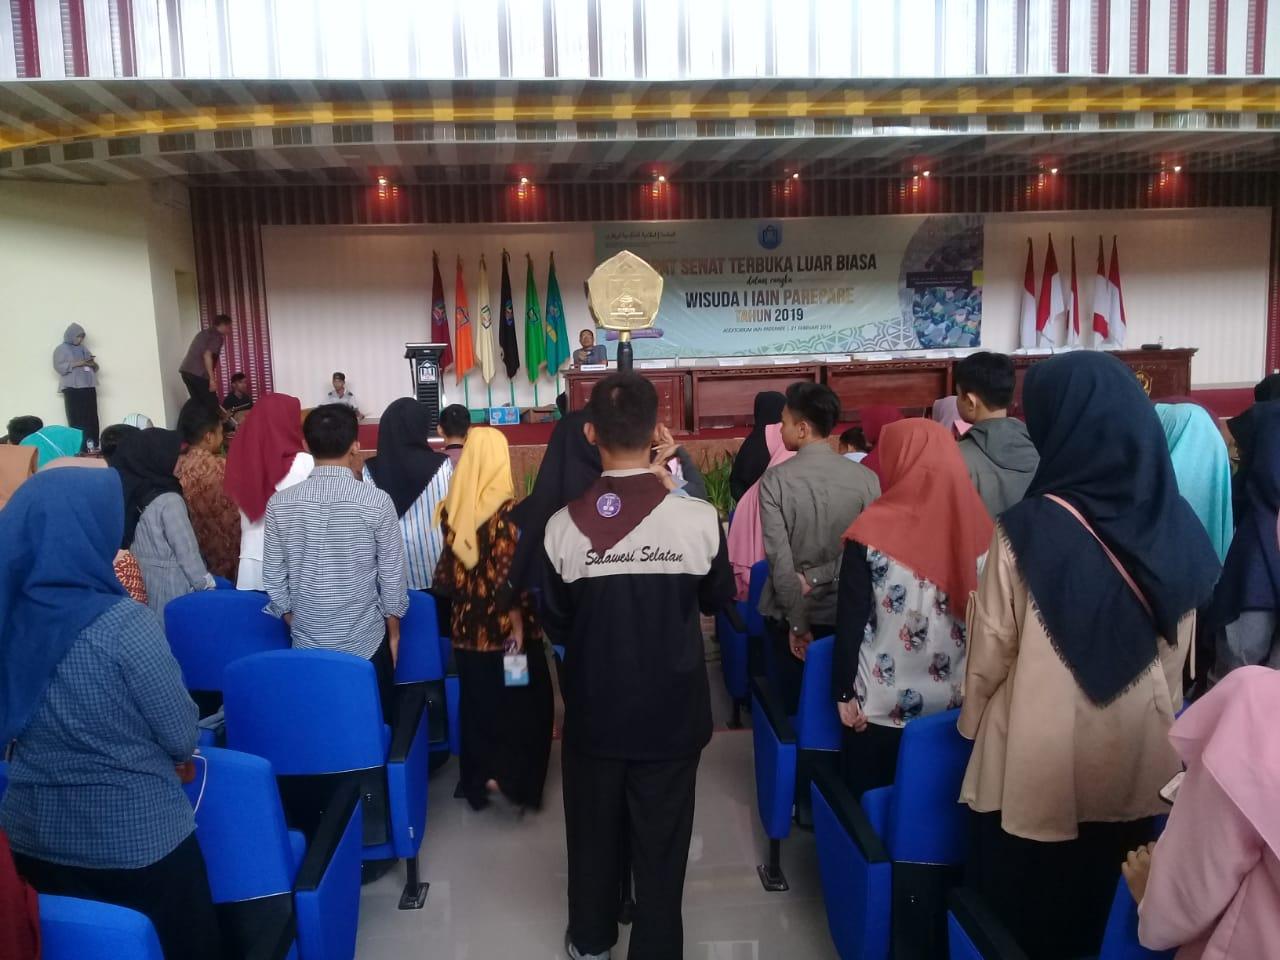 Dirjen Pendis Dijadwalkan Orasi Ilmiah, di Auditorium IAIN Parepare